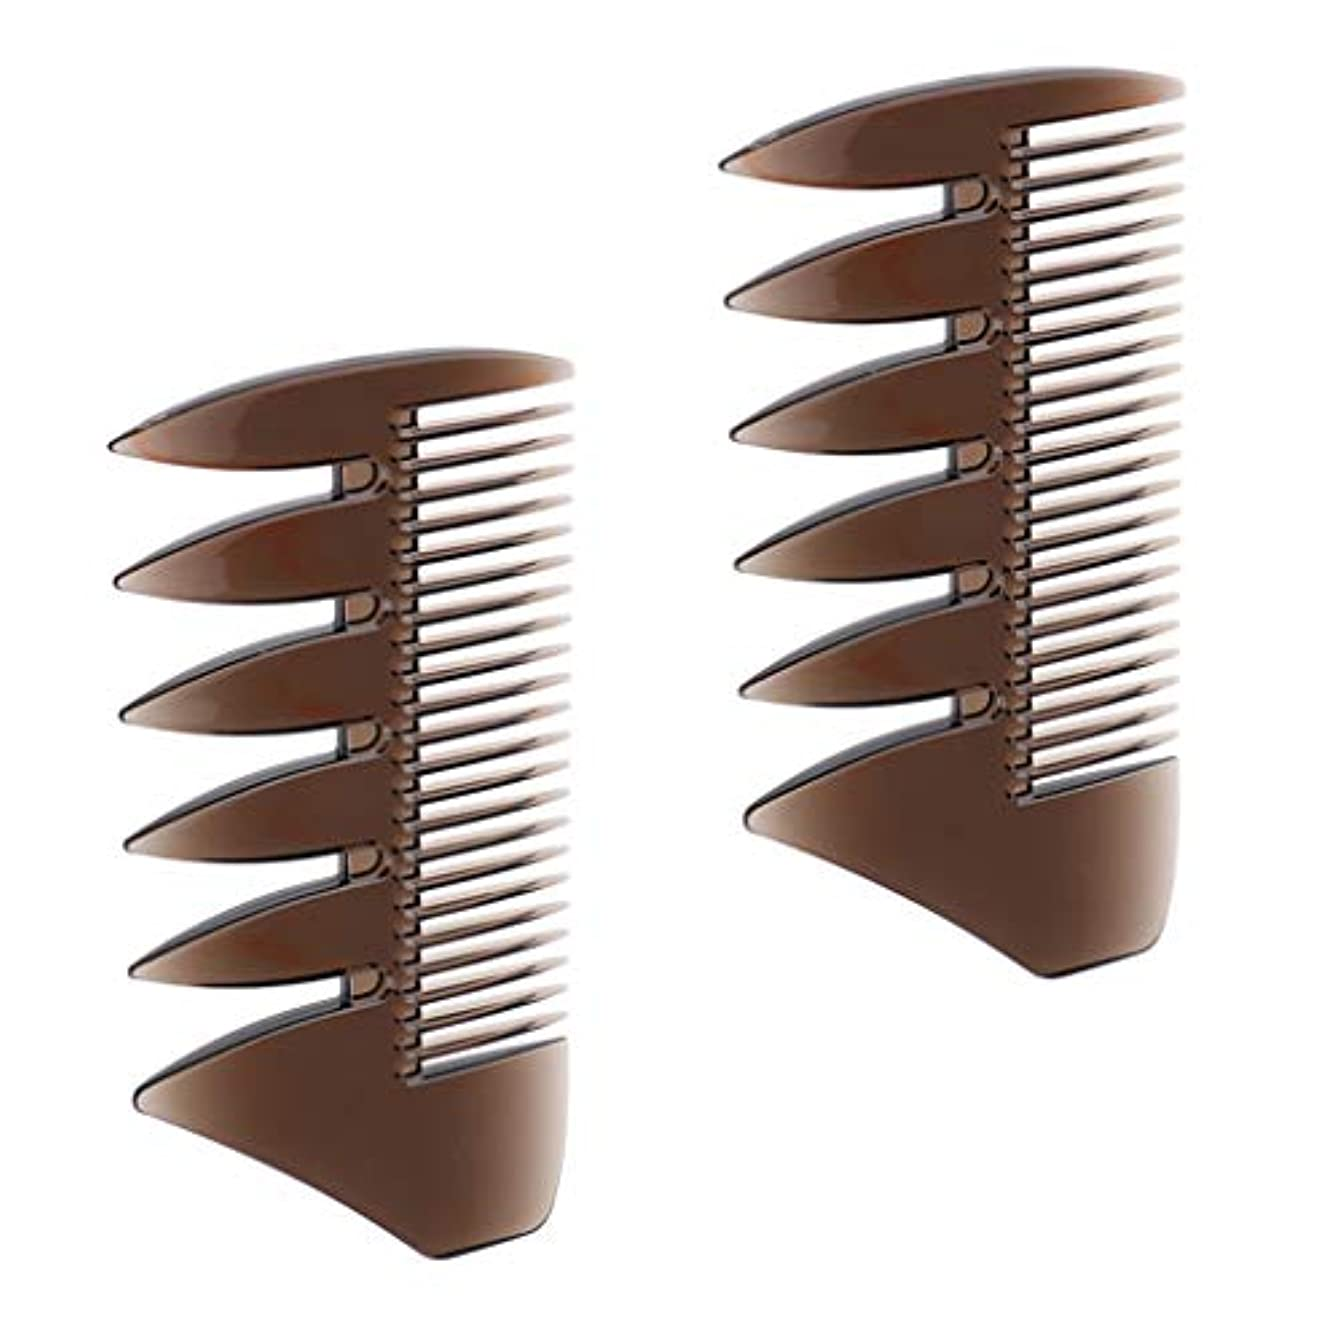 祝うガラスきつく2個入 ヘアコンビ デュアルサイド メンズ 髪櫛 ヘアサロン ヘアスタイリング 散髪店/美容院専用櫛